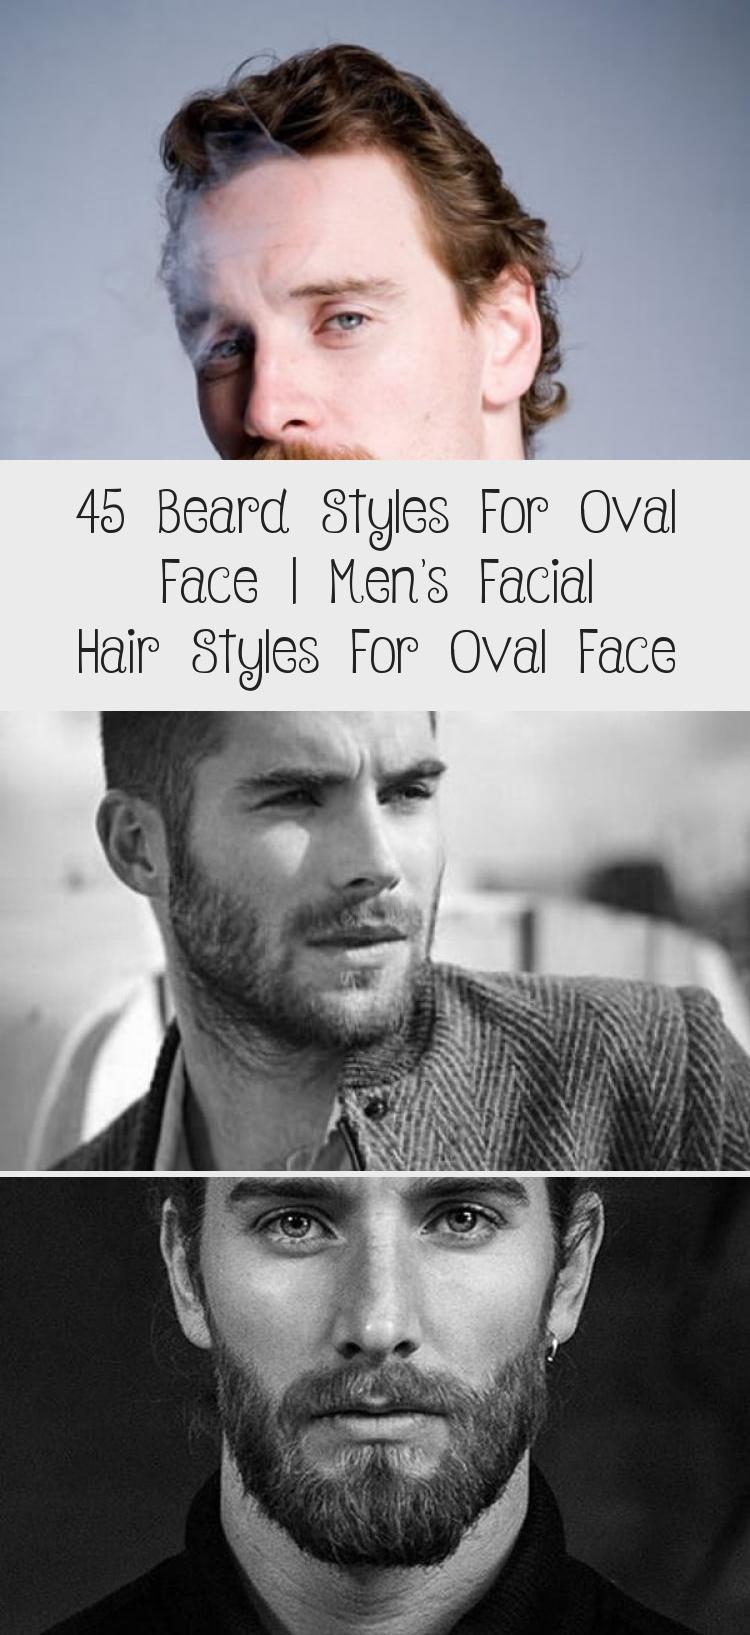 45 beard styles for oval face beard styles oval face